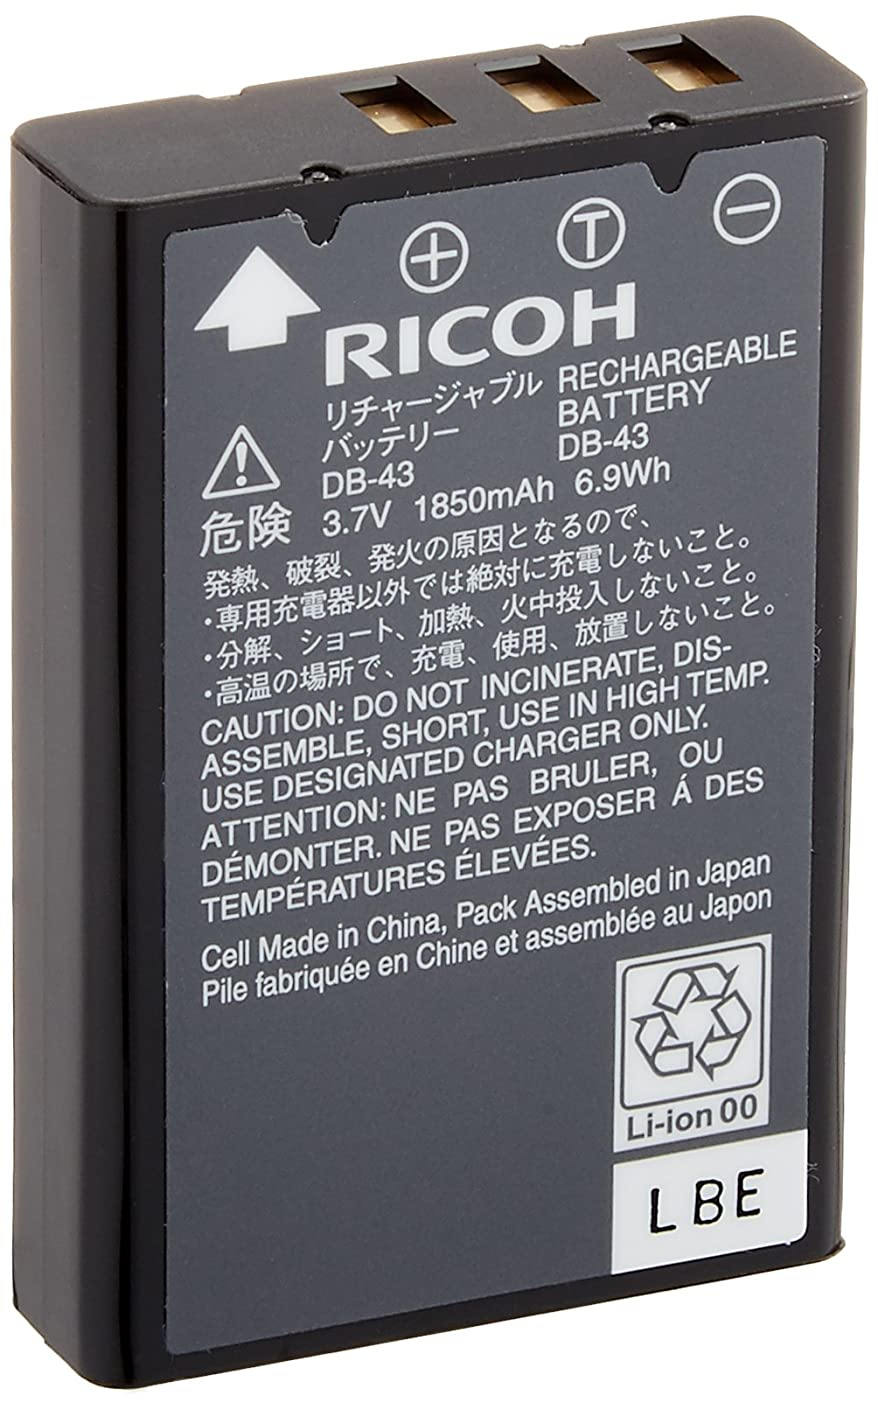 きらめく寝室本会議RICOH リチャージャブルバッテリー DB-43 172340